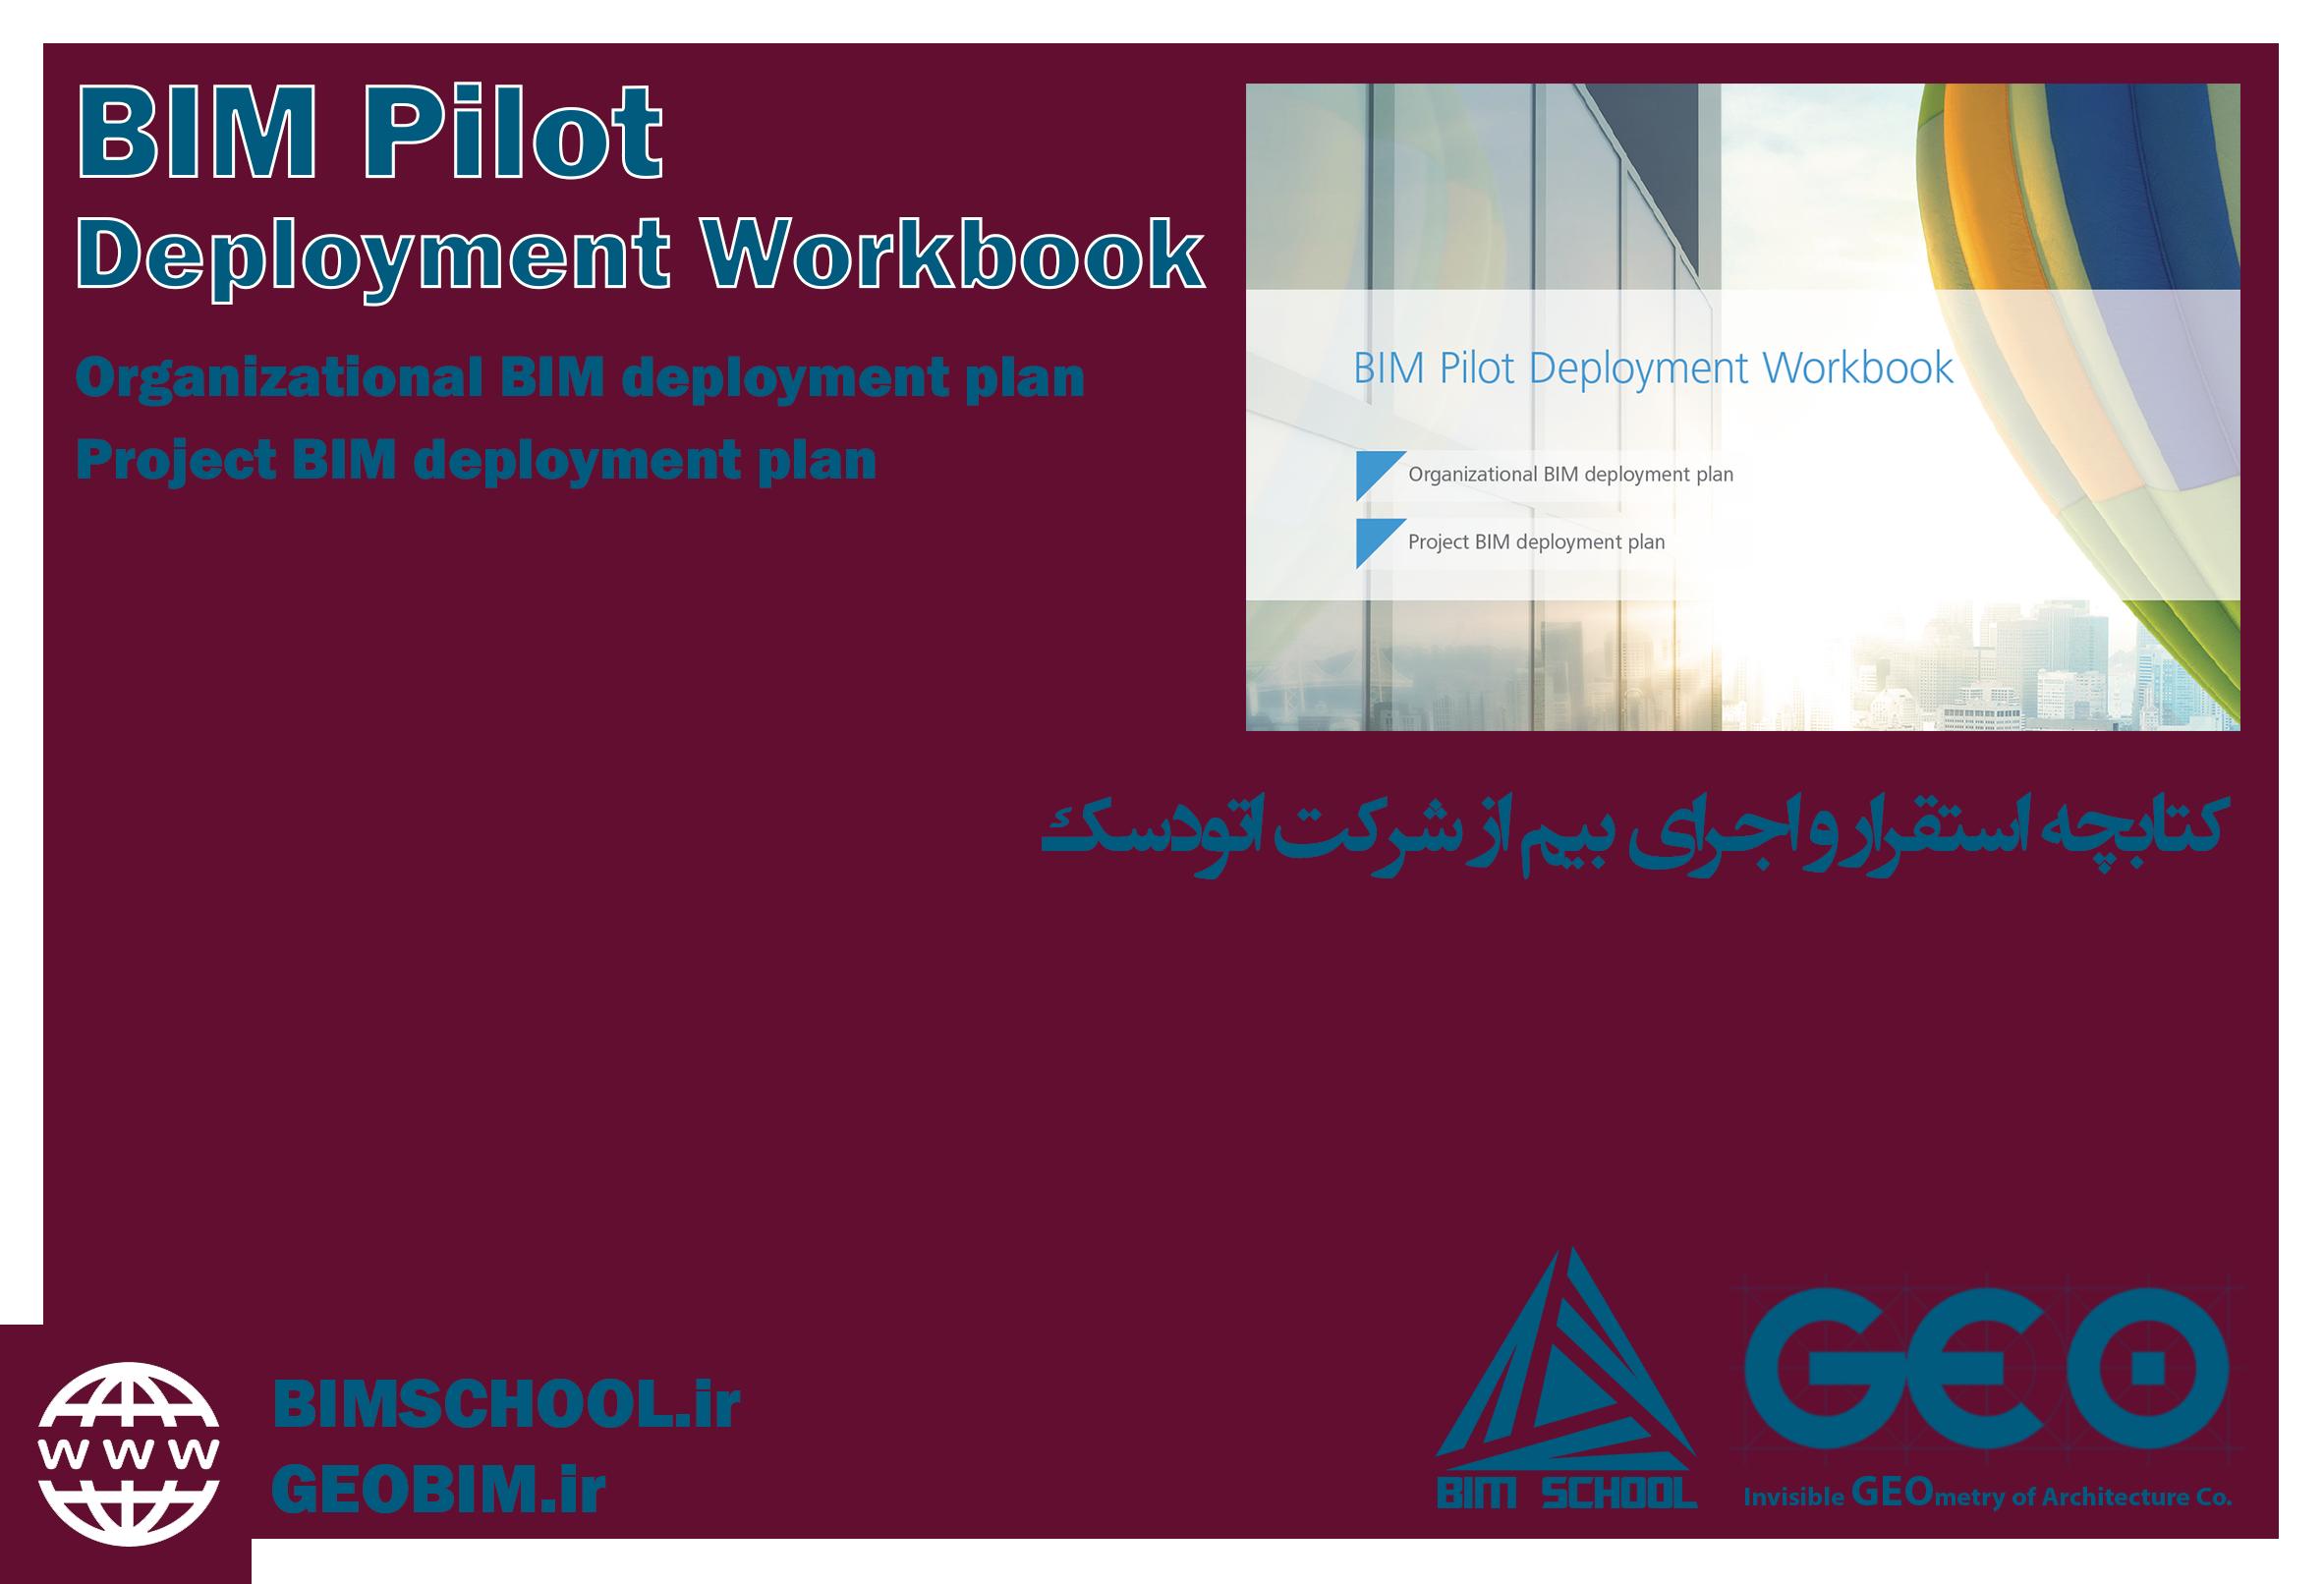 autodesk_bim_deployment_workbook(WWW.BIMSCHOOL.ir-WWW.GEOBIM.ir)